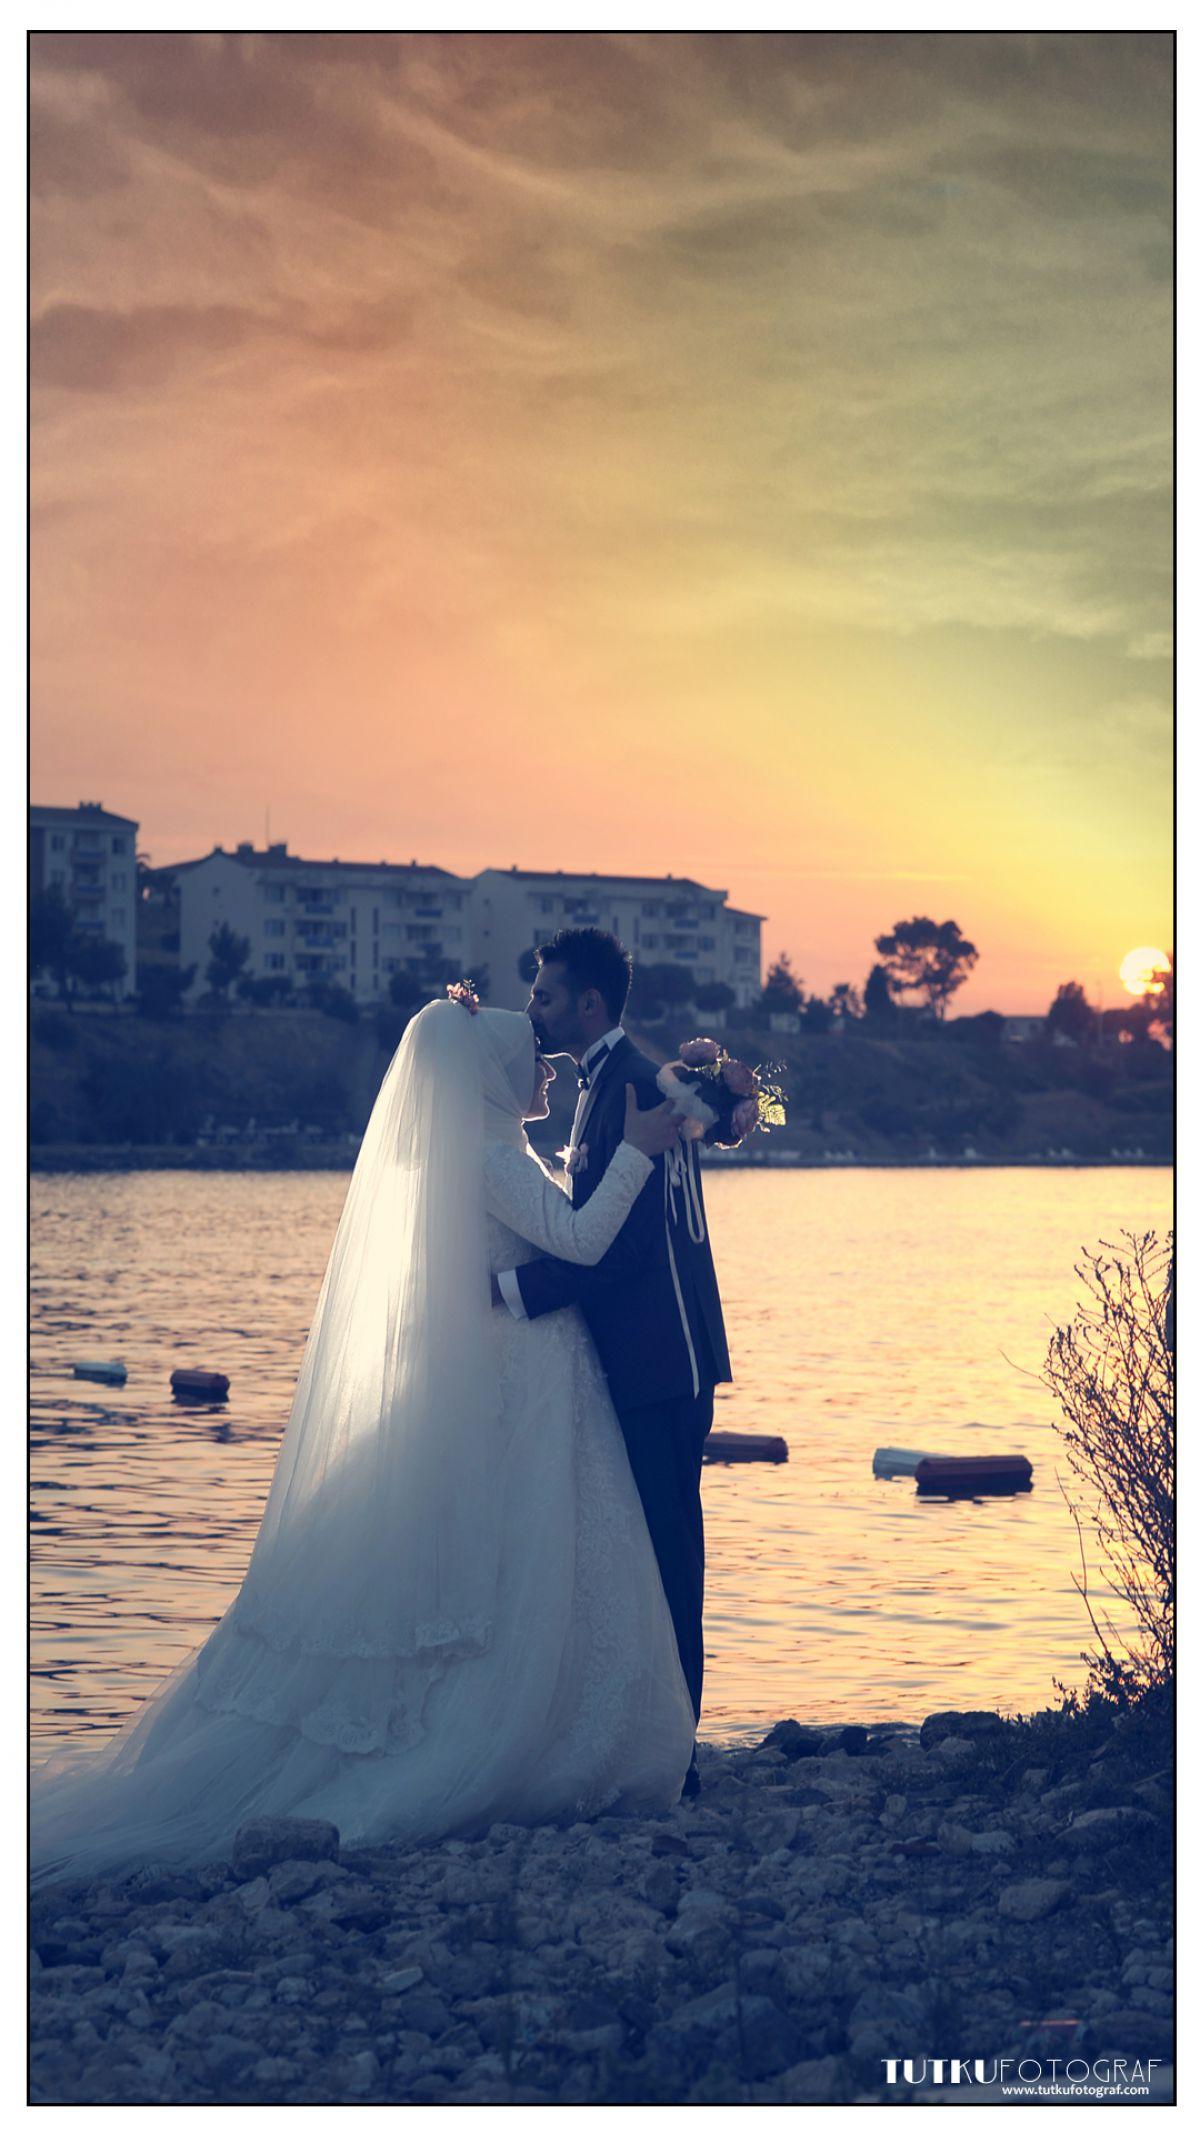 Dış Mekan Düğün Fotoğrafı Çekimi-Dis-Mekan-Dugun-Fotografi-Cekimi-4